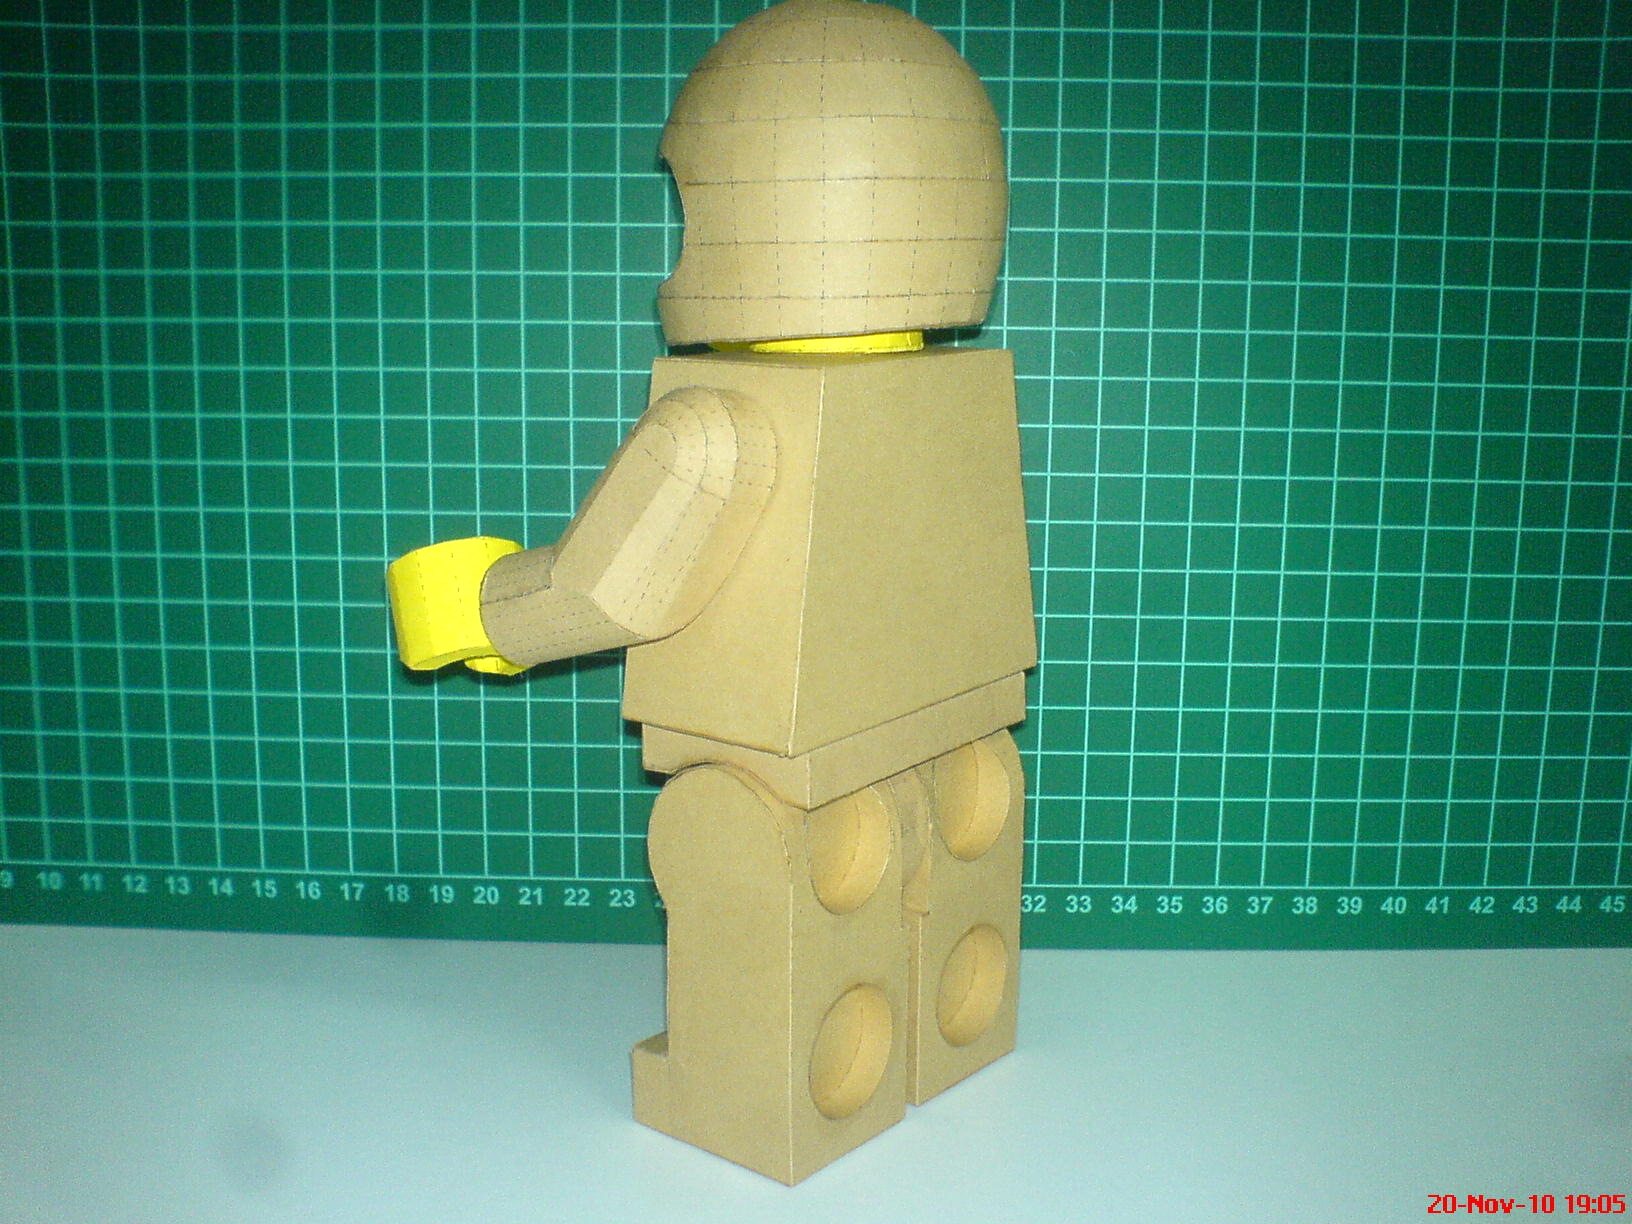 lego man model paperbotz